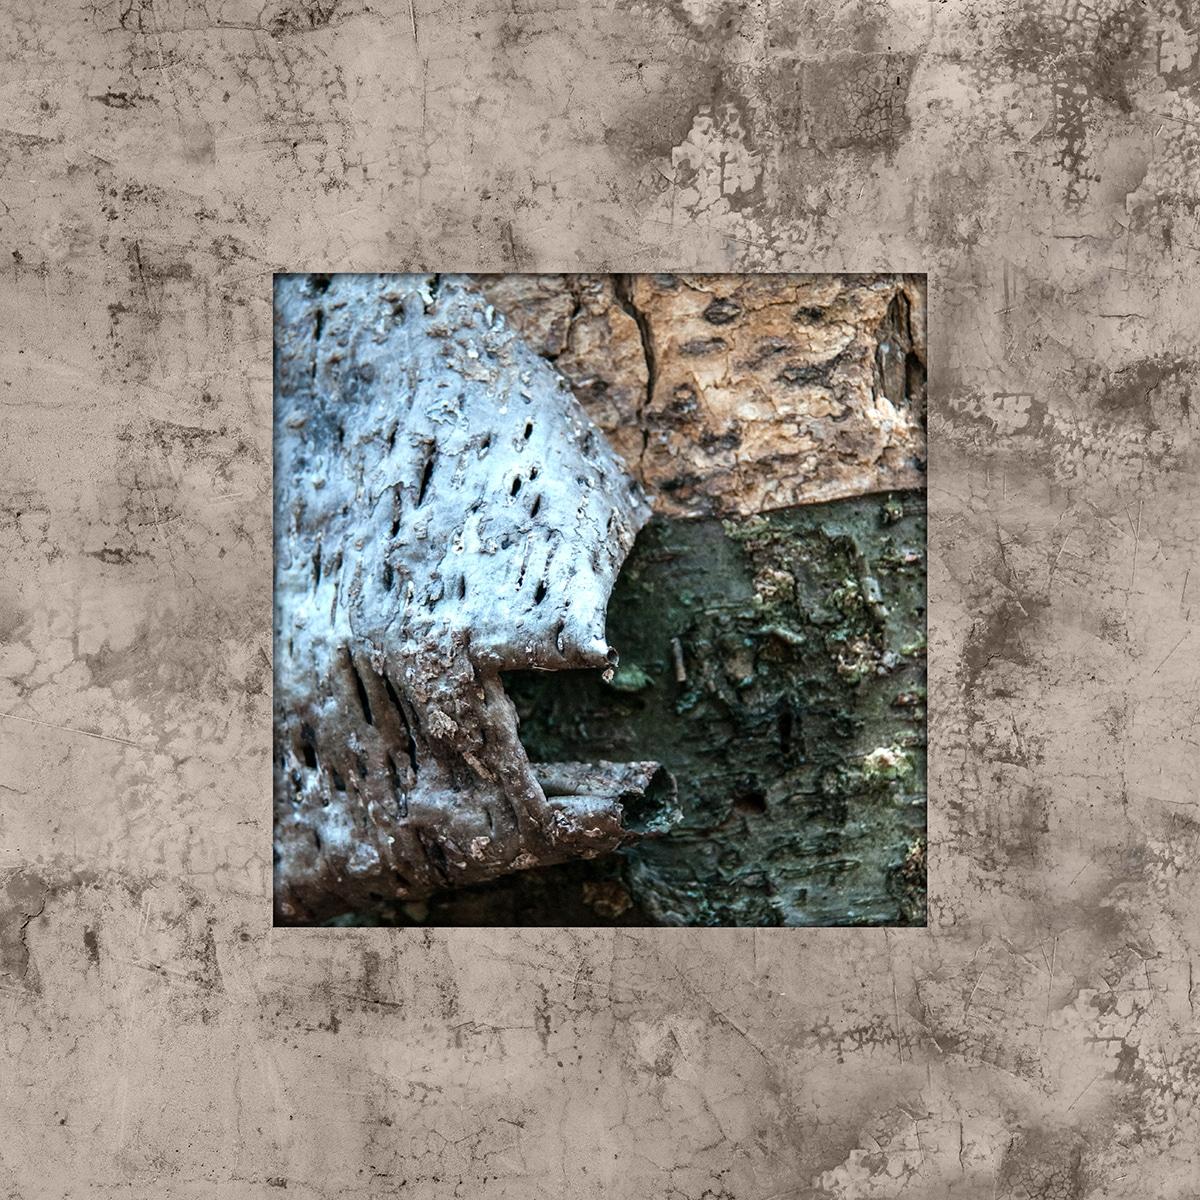 תמונת קליפת העץ השחורה-ירקרקה. תמונה לסלון ולמשרד.